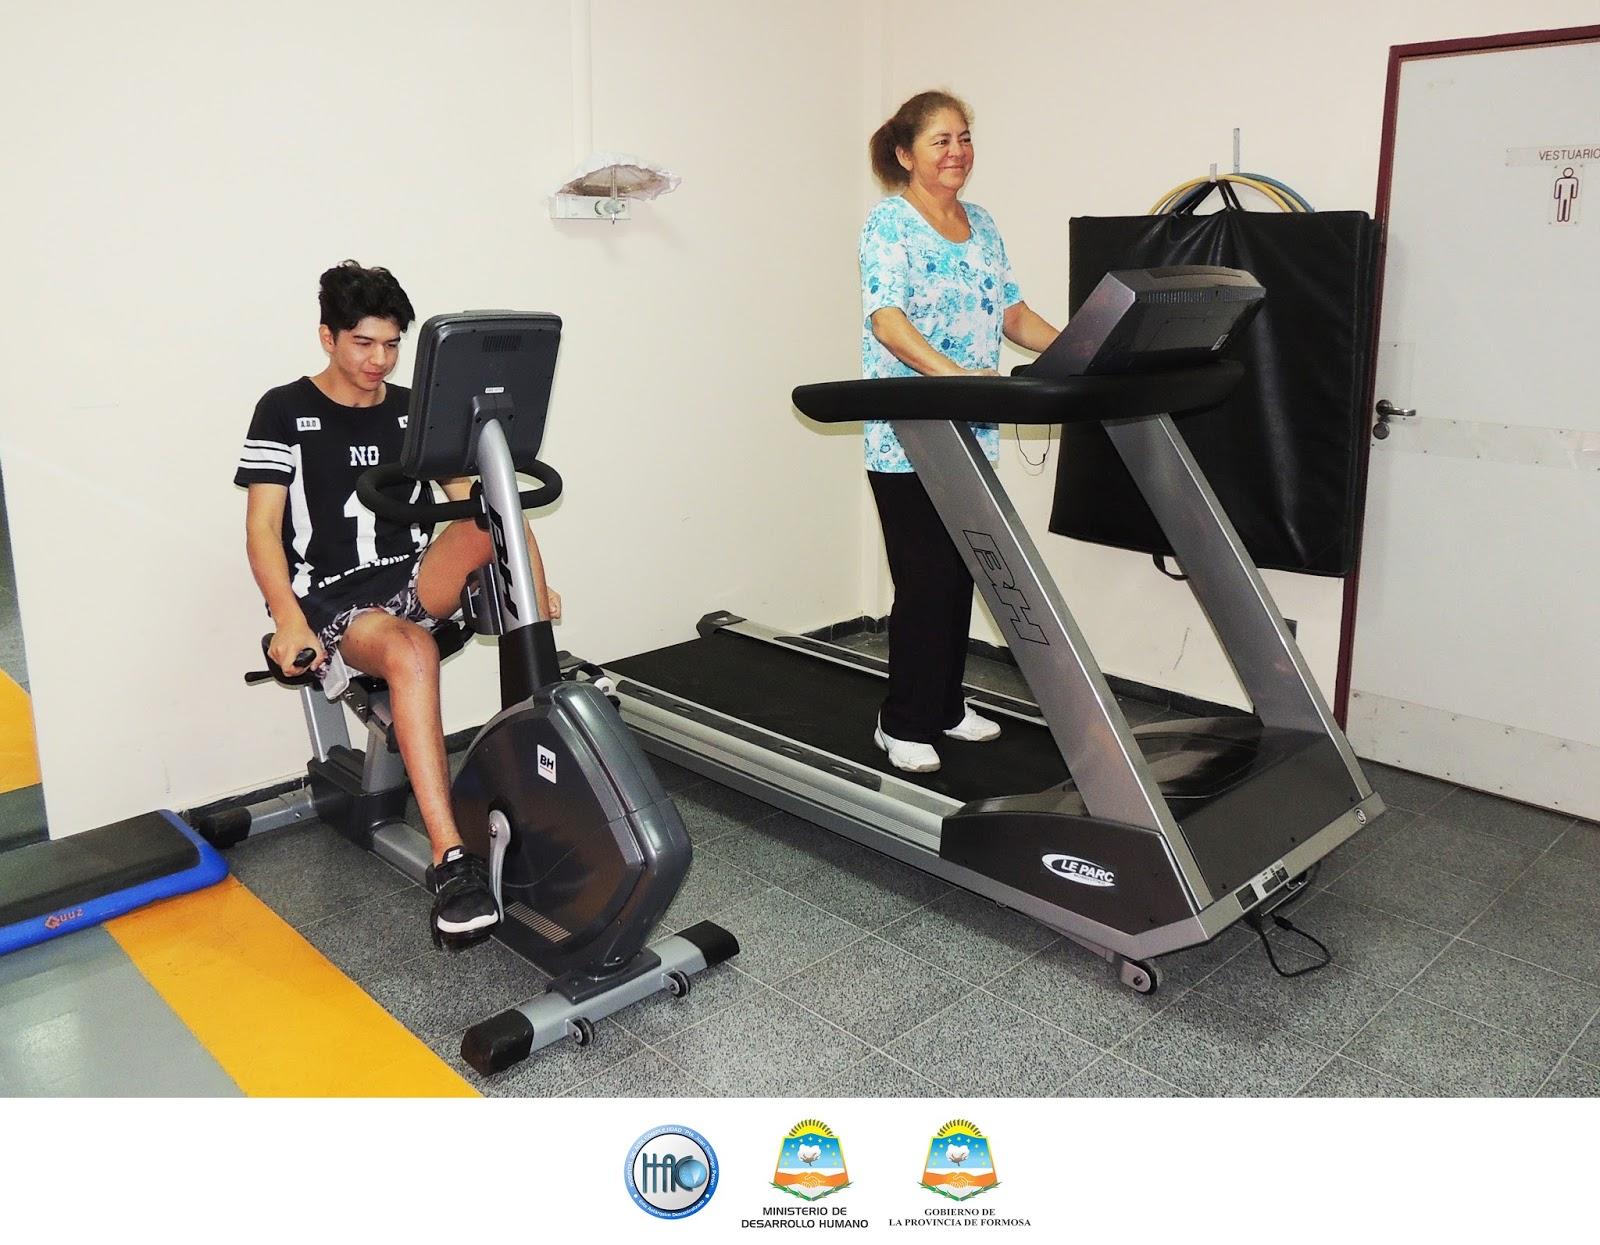 Hac nuevos equipos de fisioterapia para consultorio - Equipamiento de gimnasios ...